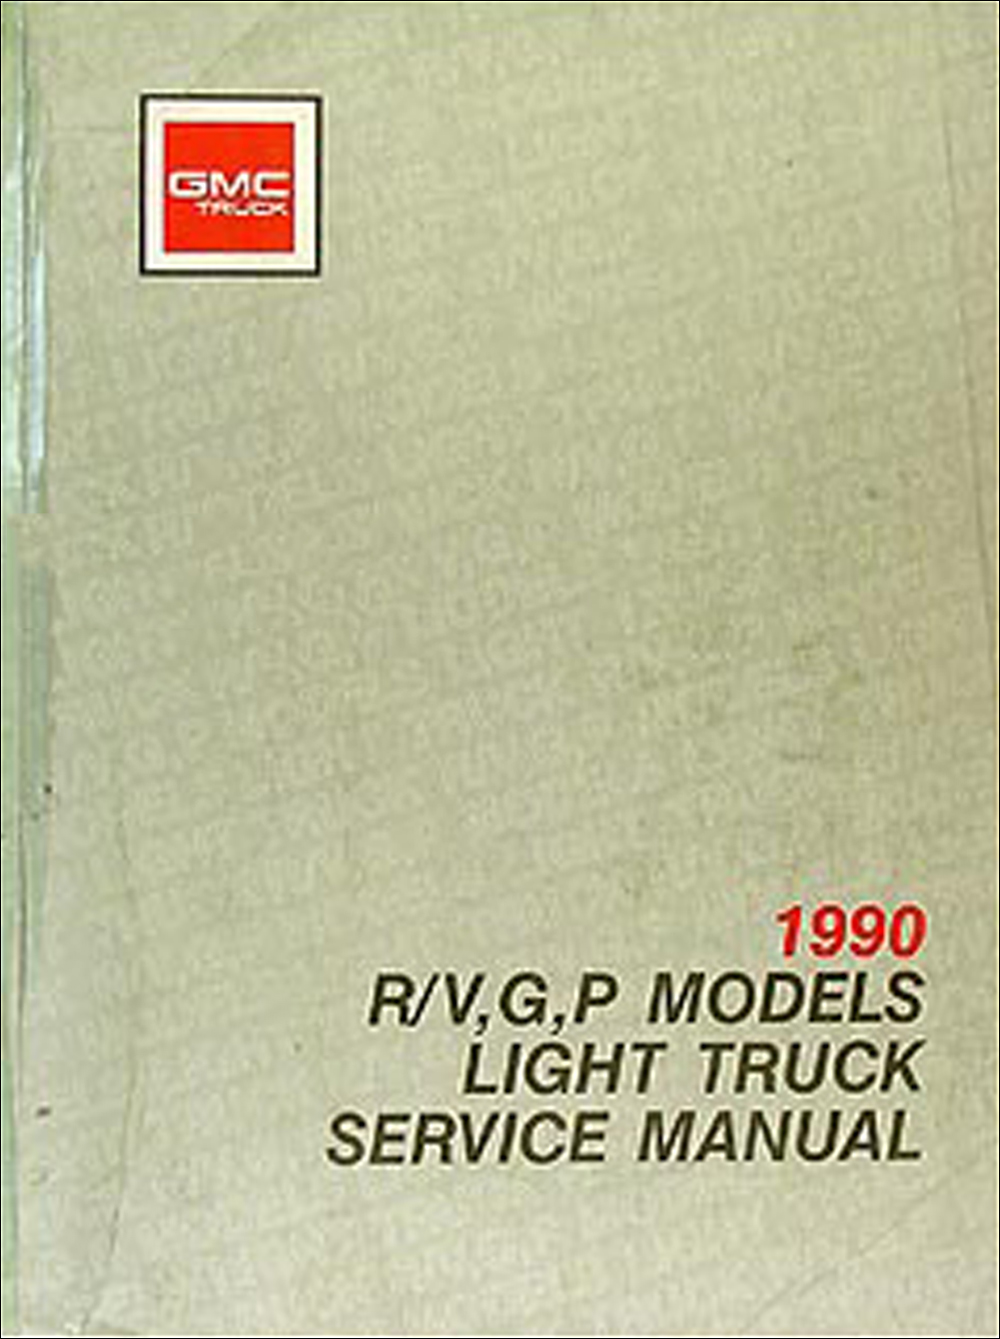 1990 GMC Truck Repair Shop Manual Original R/V Pickup Blazer Suburban Van FC